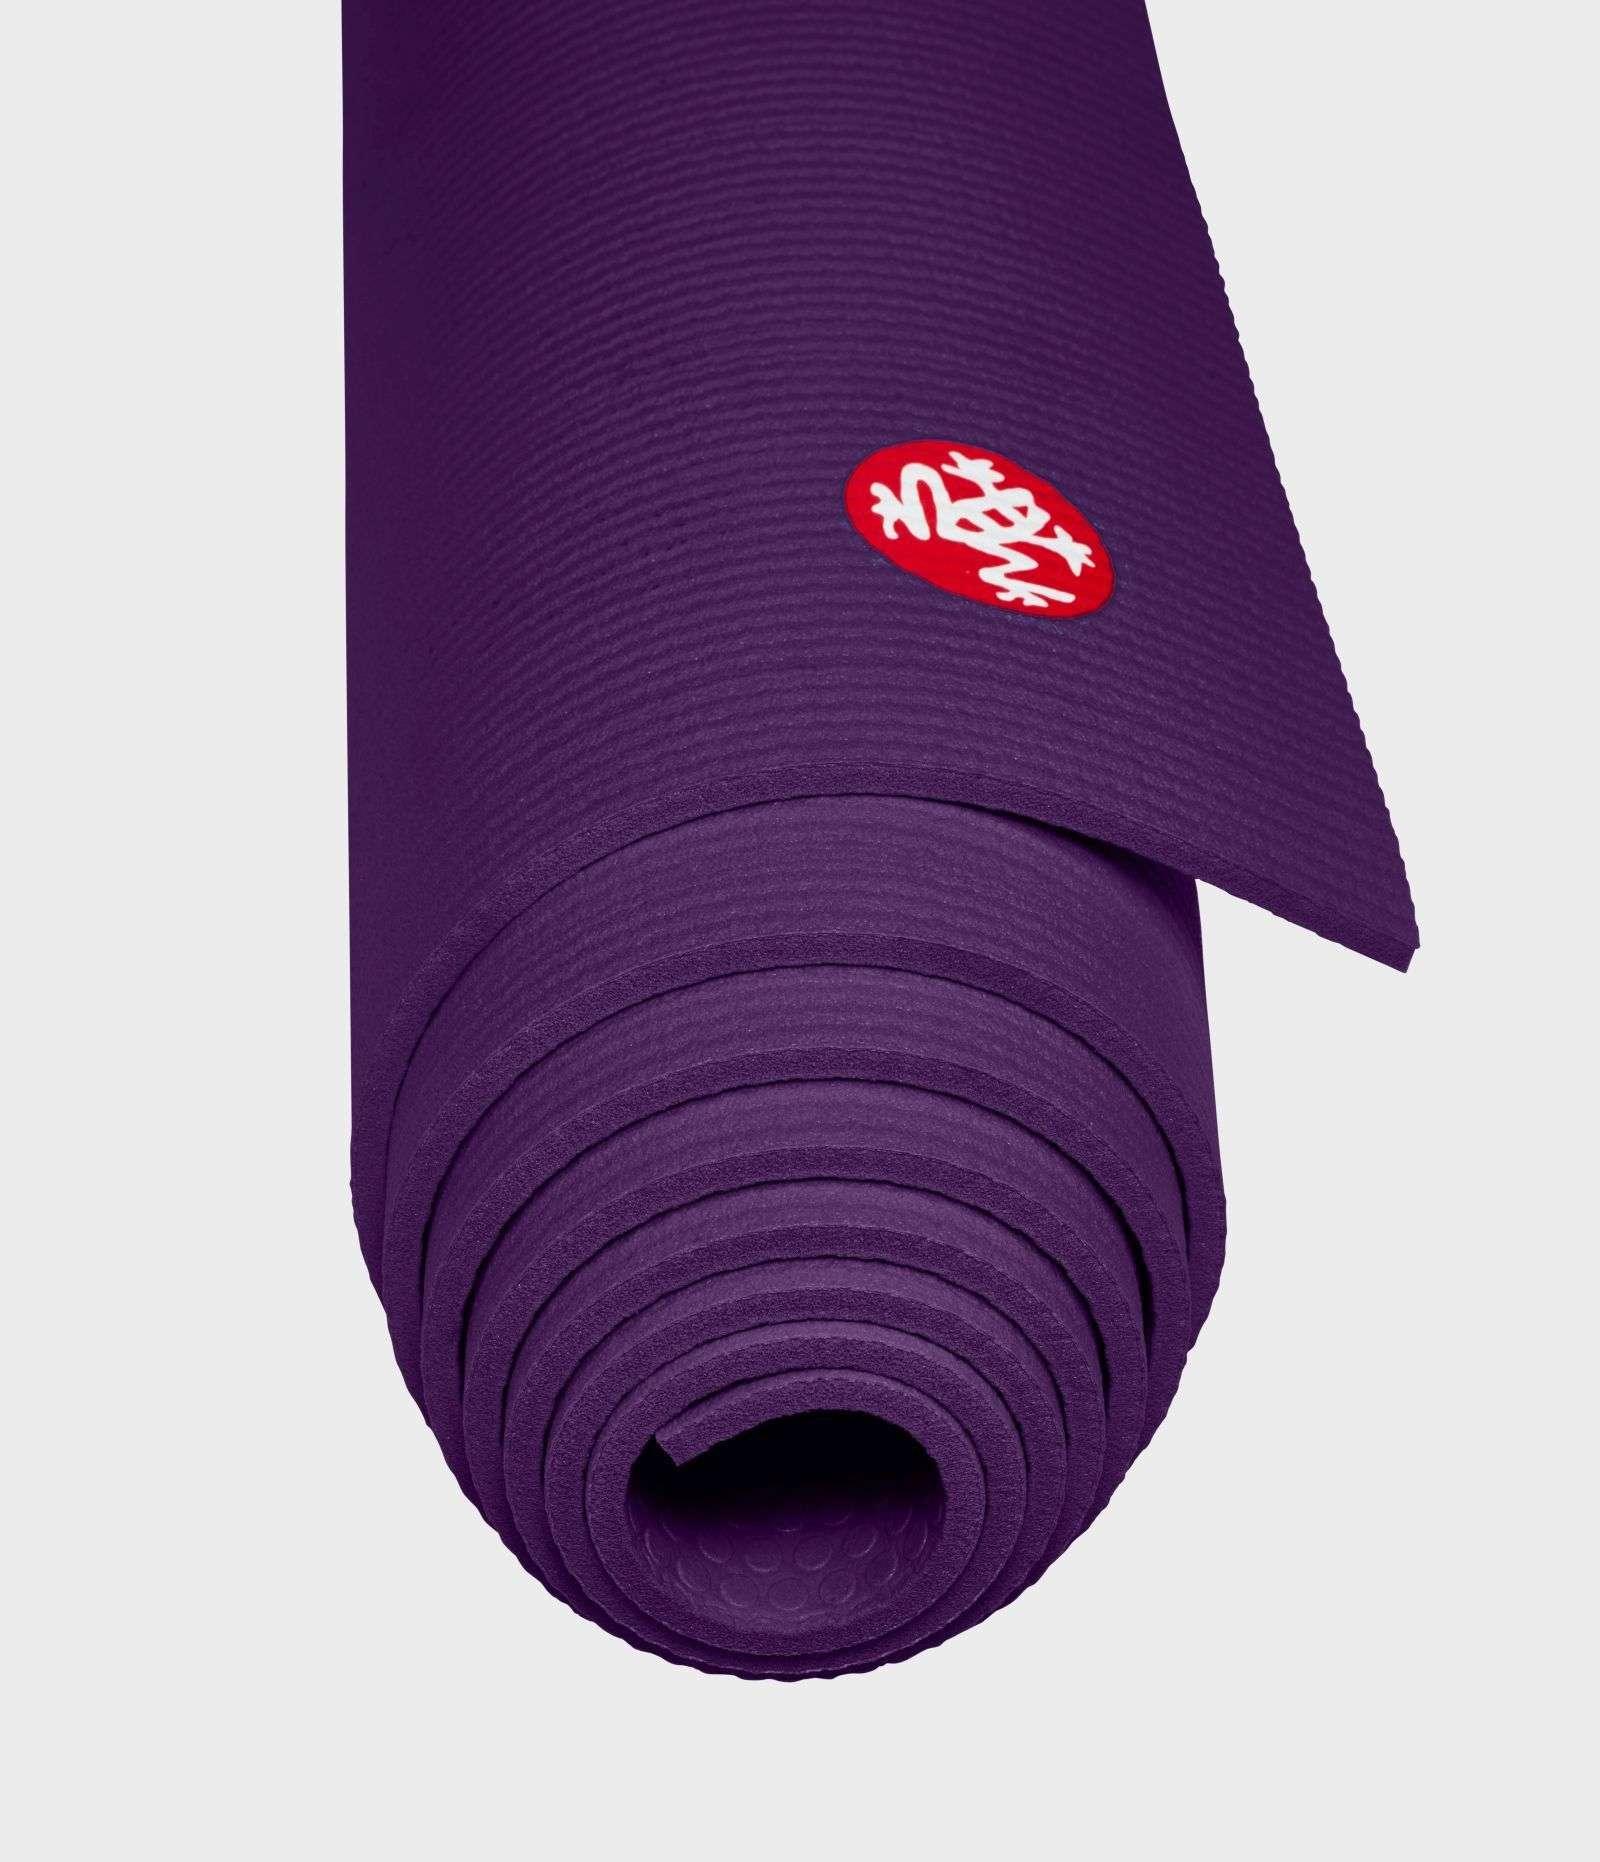 Manduka prolite pro lite yoga mat black black magic purple